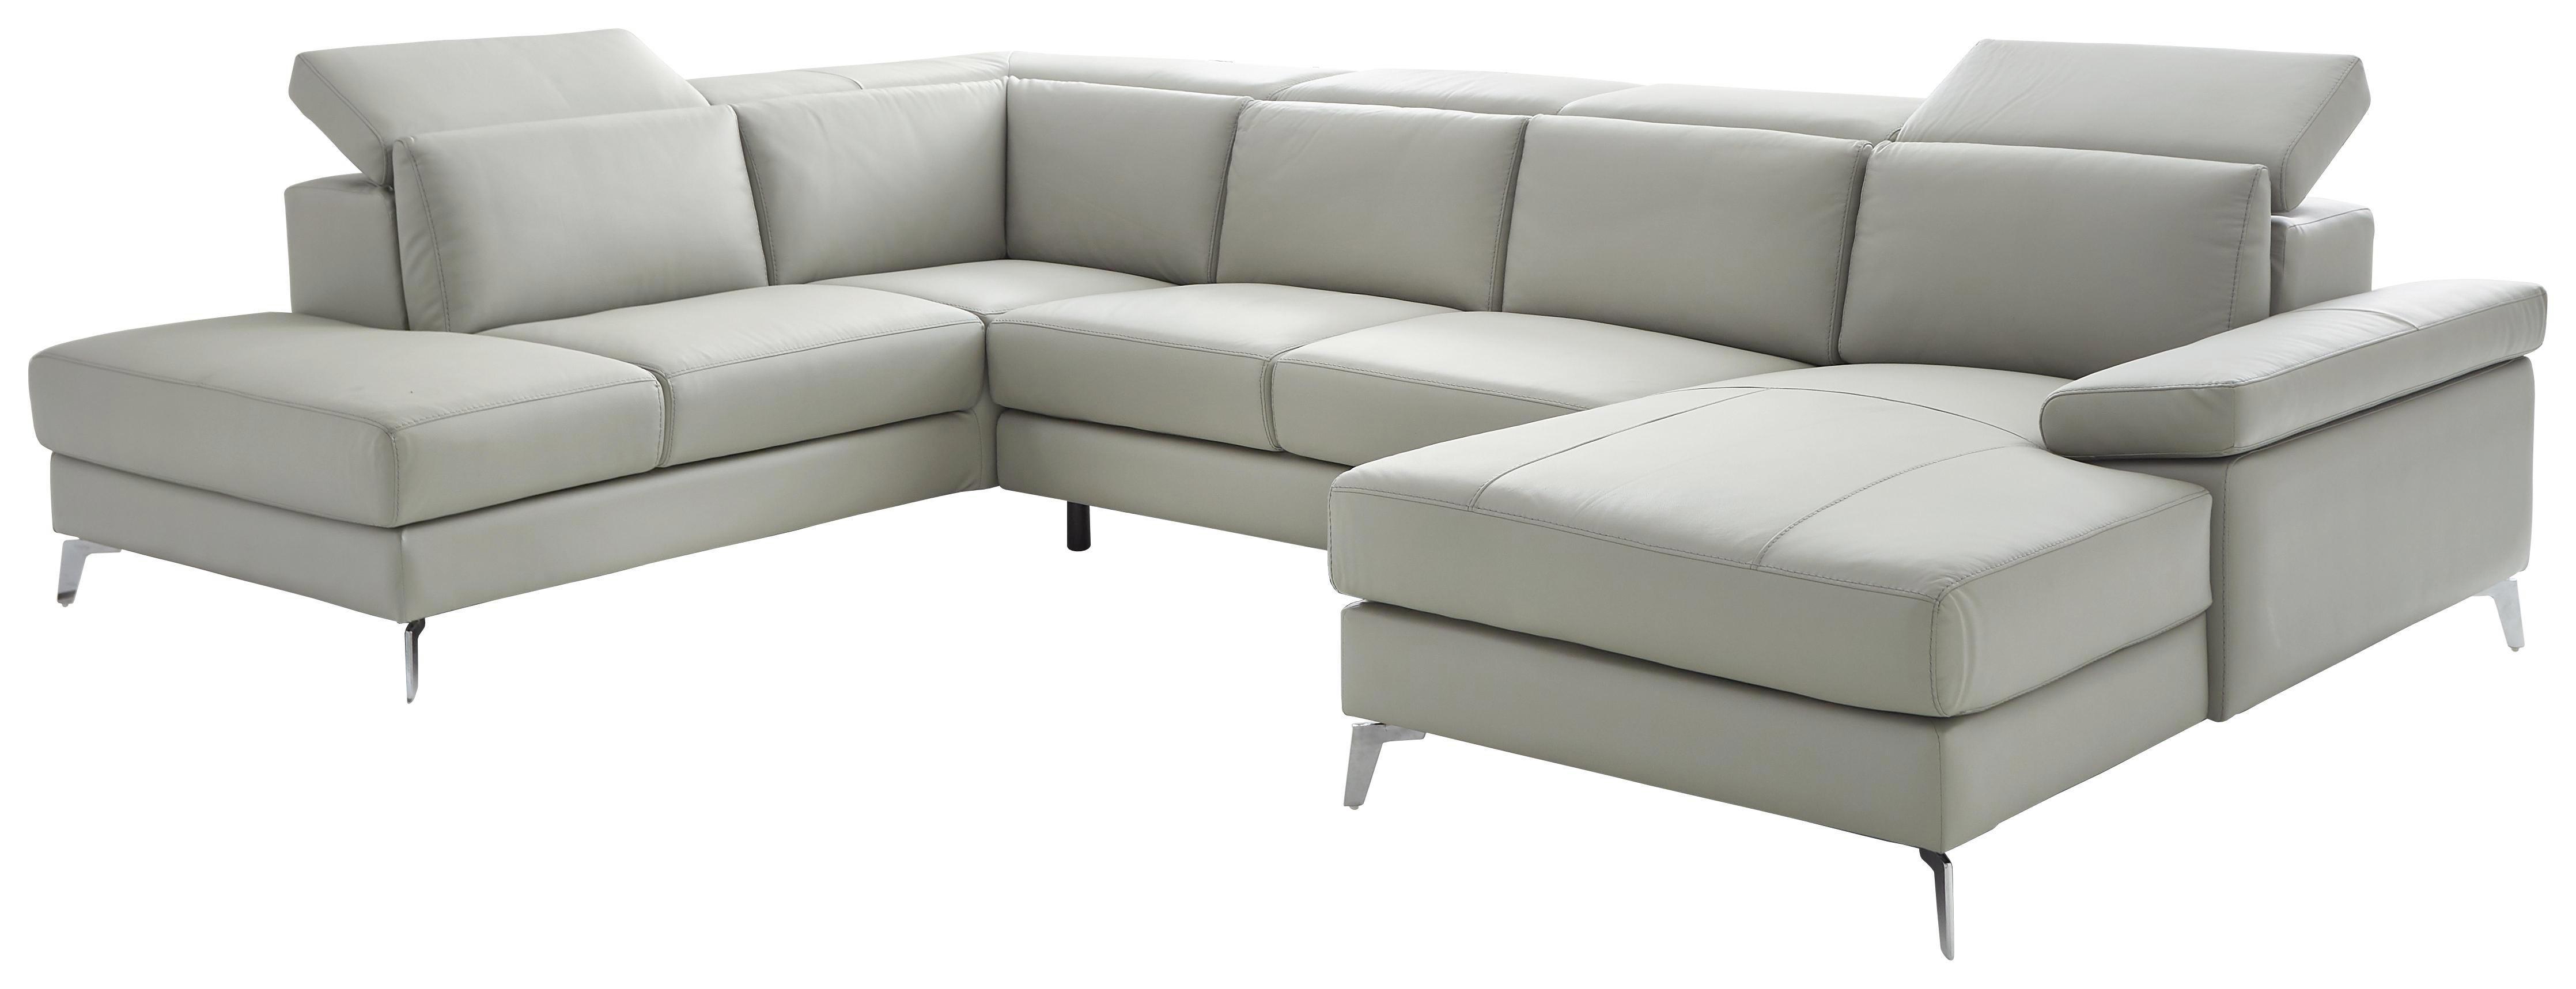 Cool Schne Dekoration Sitzgruppe Wohnzimmer Beige Mbel With Couch Braun  Beige With Mbel Couch With Xxl Couch Braun